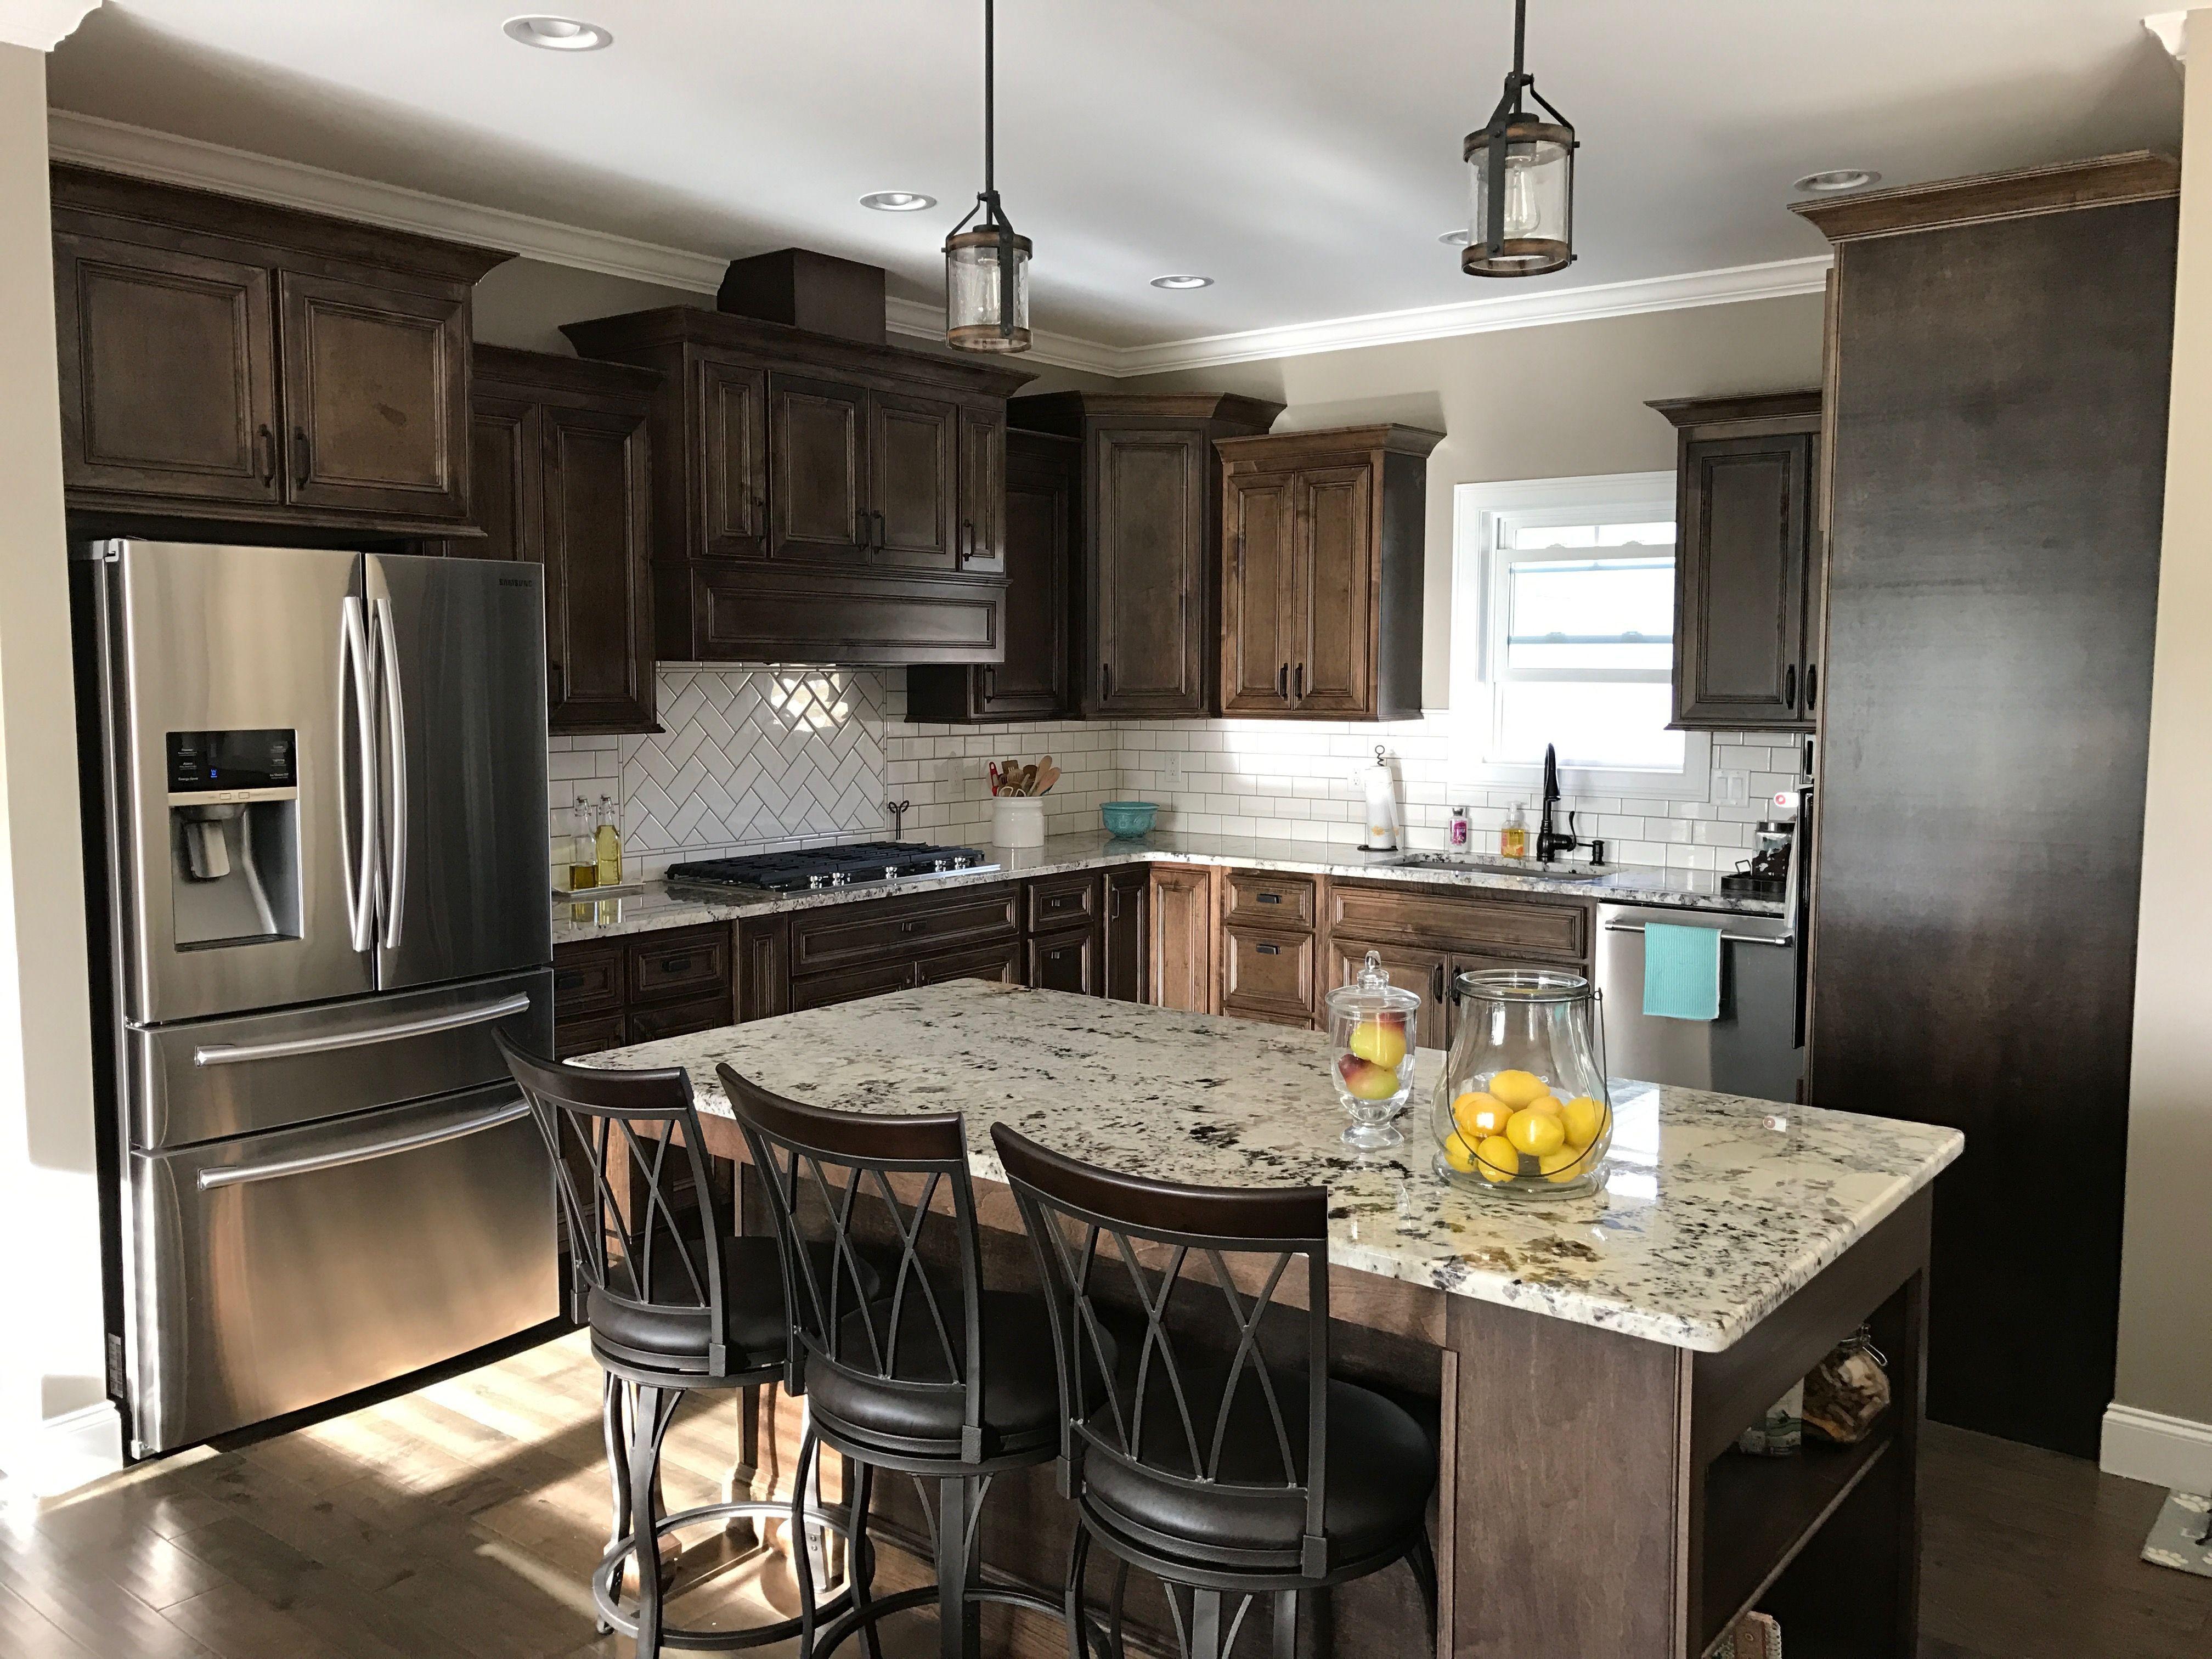 Greige Paint In Kitchen Backsplash With Dark Cabinets Stained Kitchen Cabinets Paint For Kitchen Walls